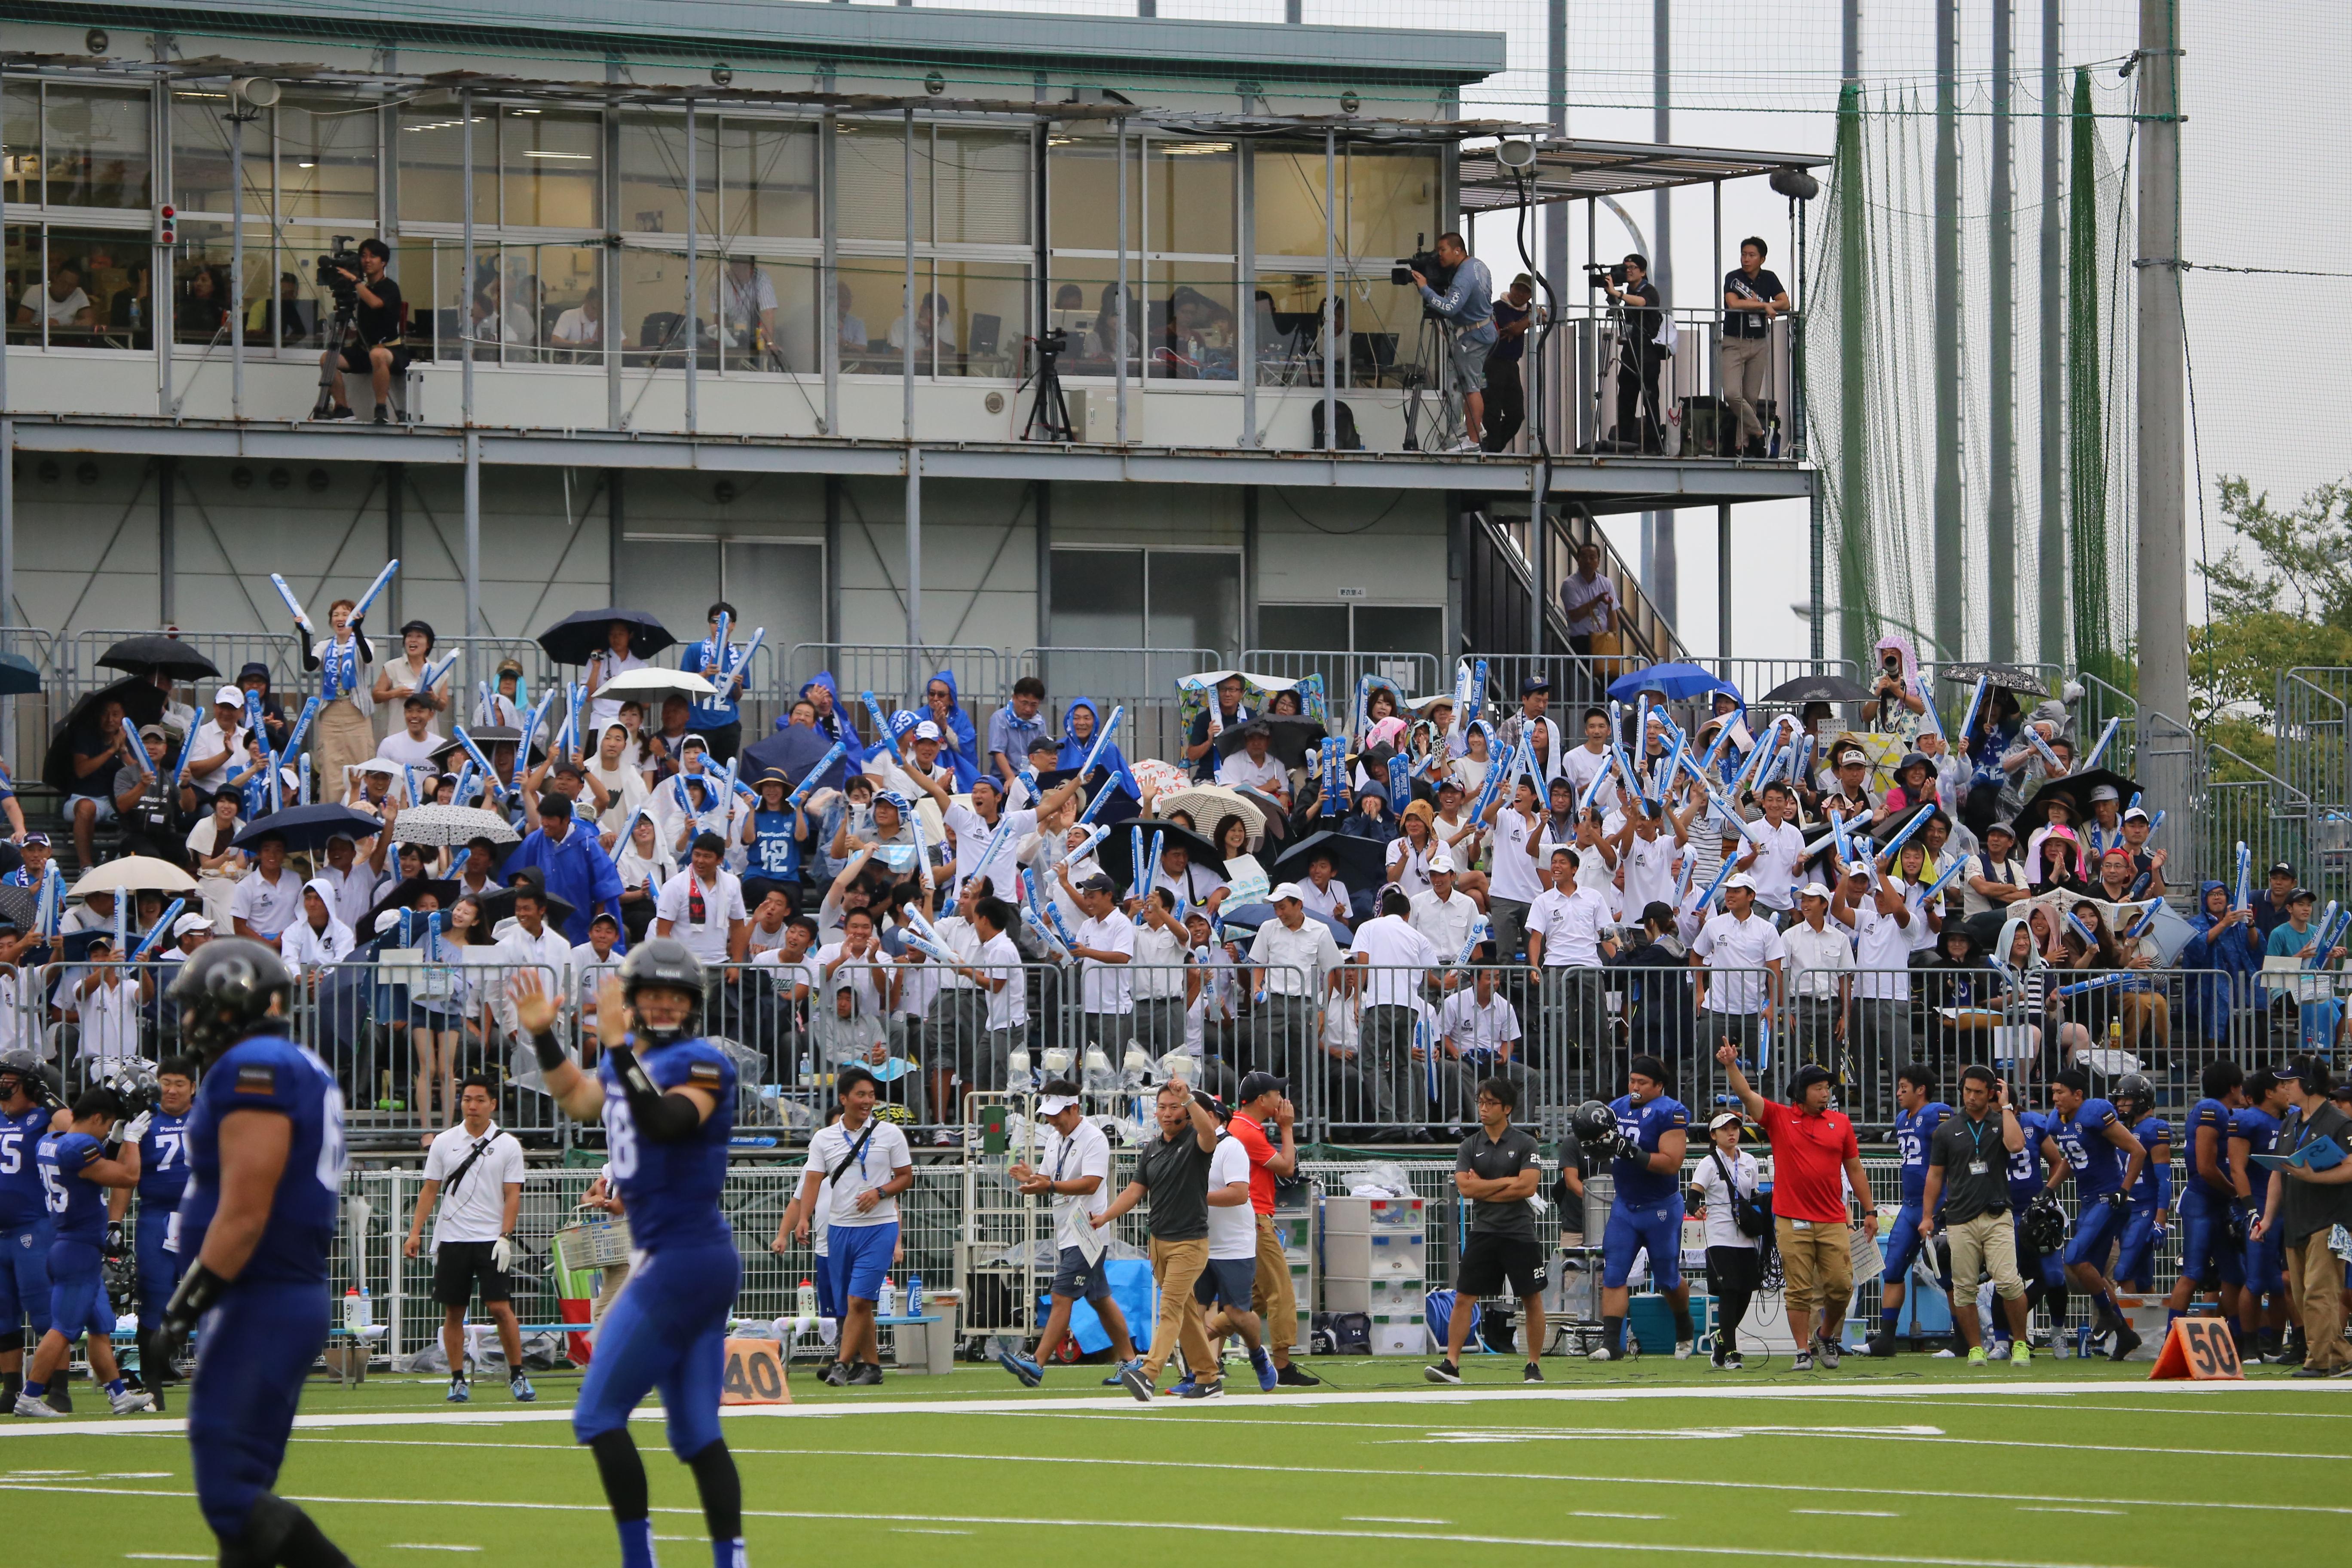 パナソニック・インパルスの試合に駆けつけた関大一高アメリカンフットボール部の生徒たち=8月24日、大阪・万博フィールド